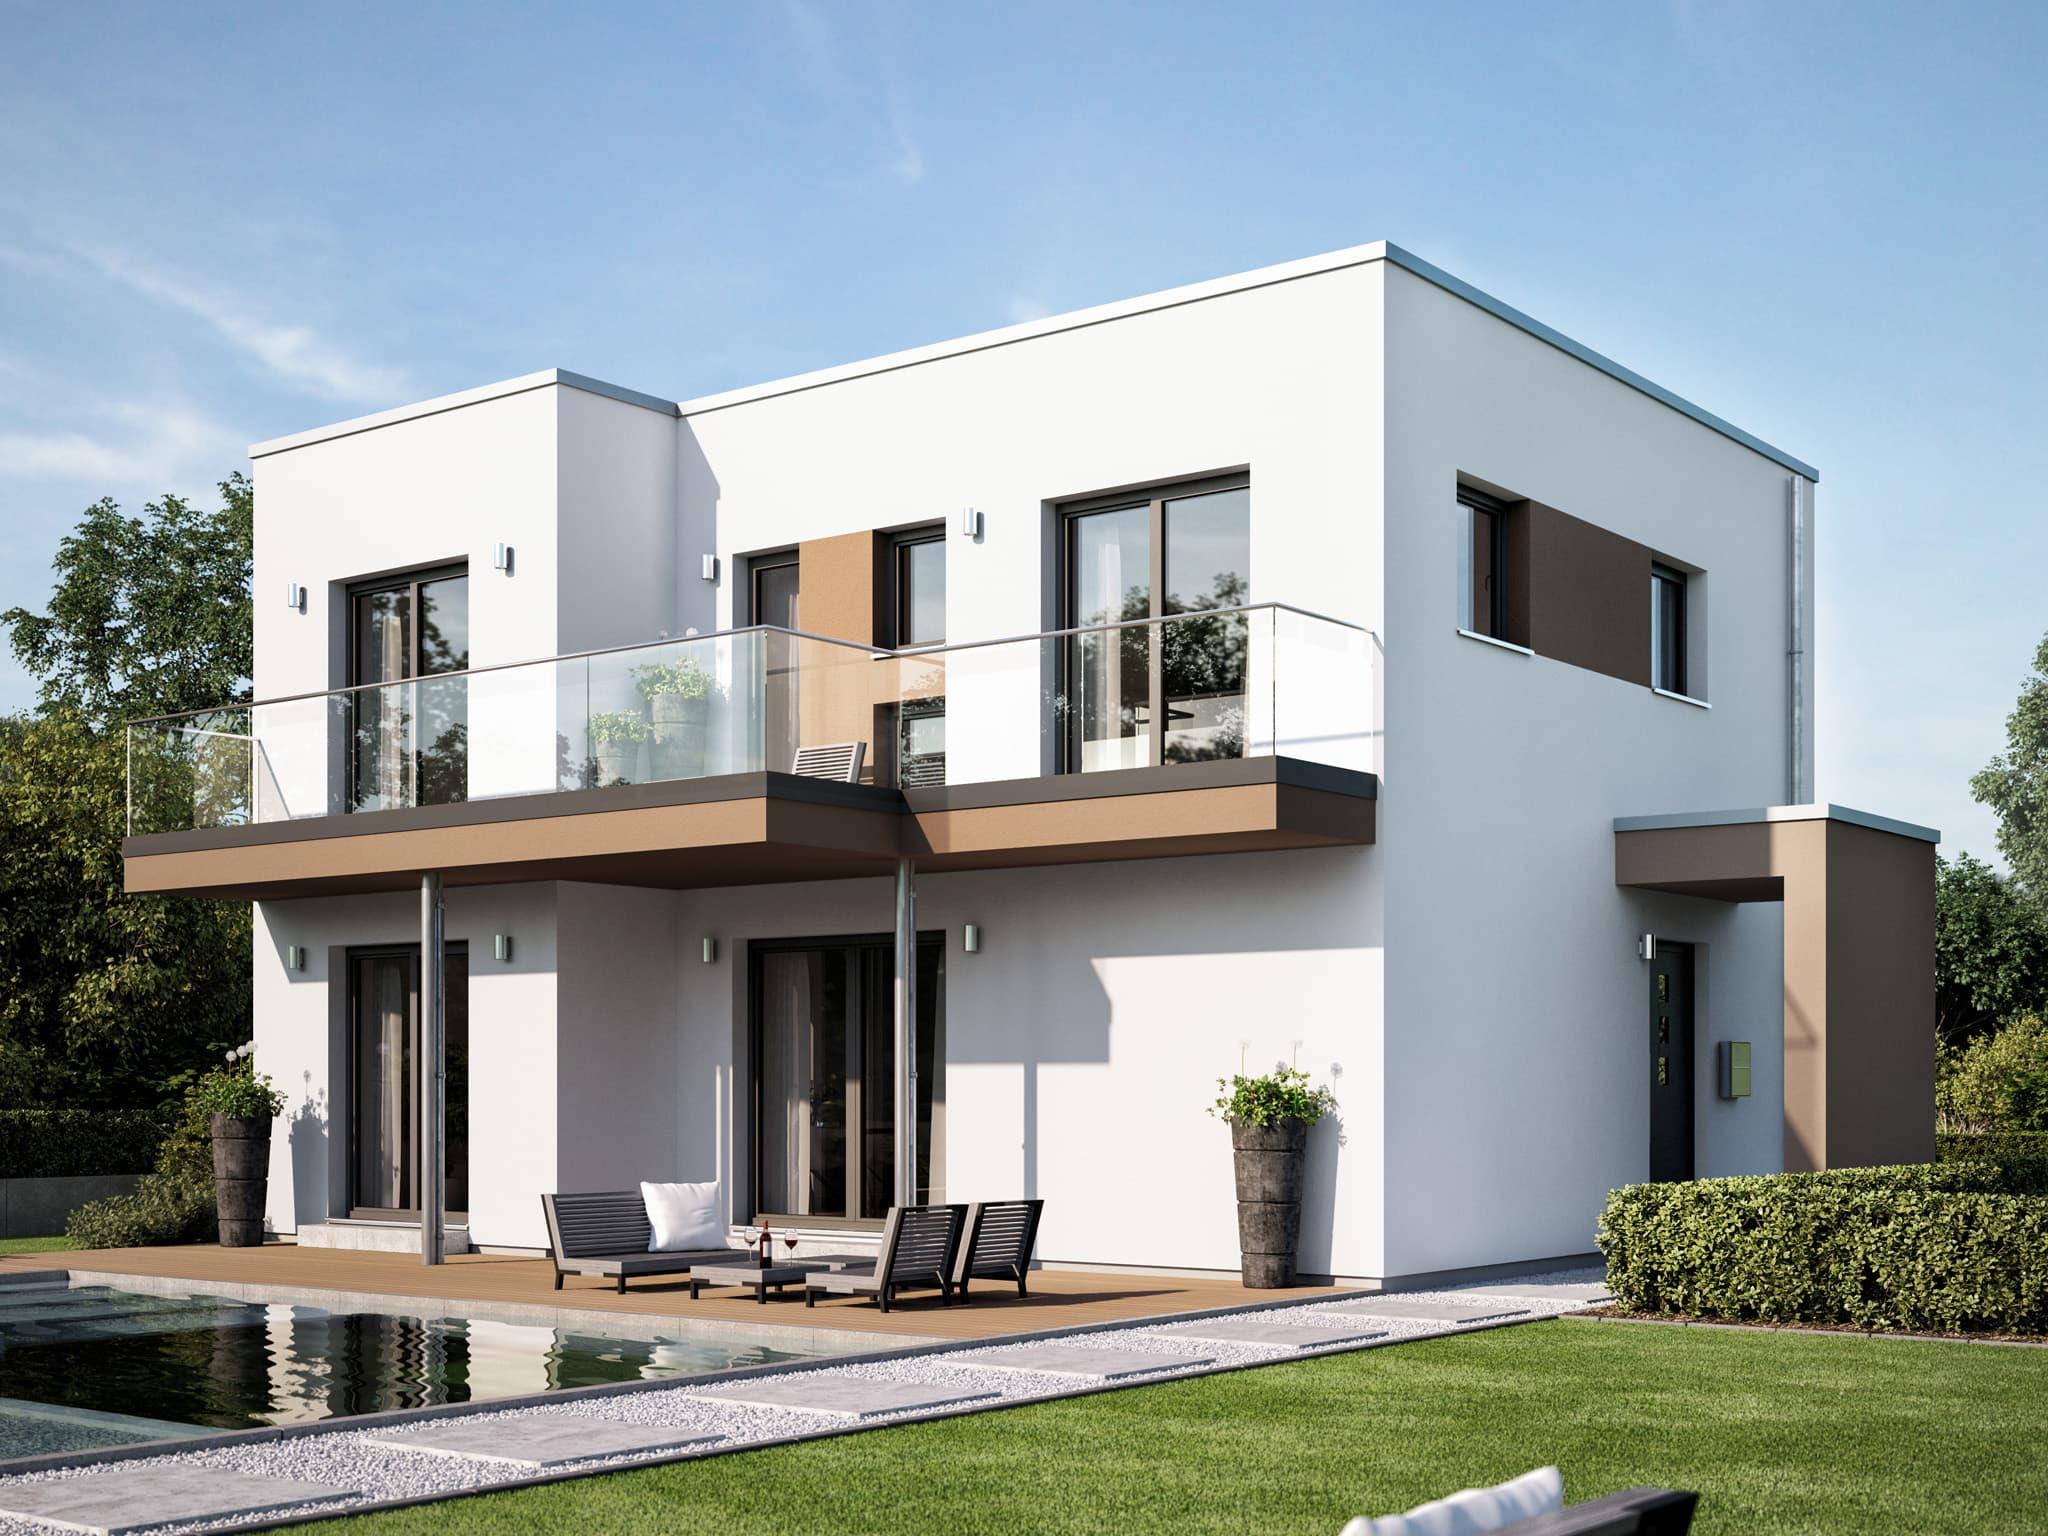 Bauhaus Stadtvilla modern mit Flachdach Architektur, Erker & Balkon - Haus bauen Ideen Fertighaus EVOLUTION 122 V12 von Bien Zenker - HausbauDirekt.de